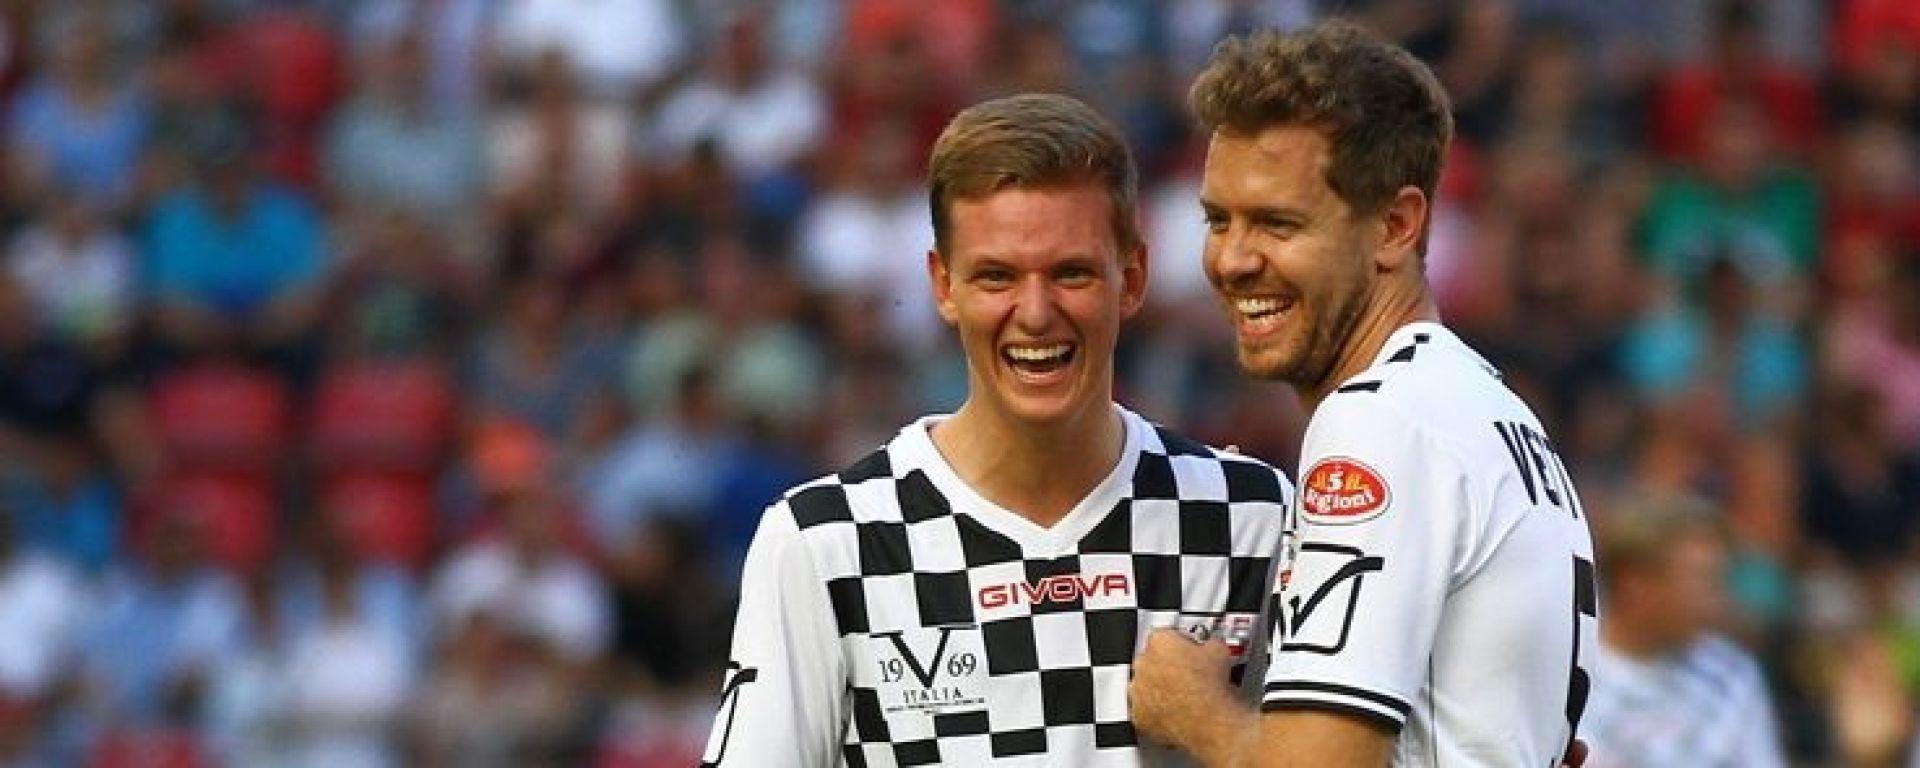 Mick Schumacher insieme a Sebastian Vettel